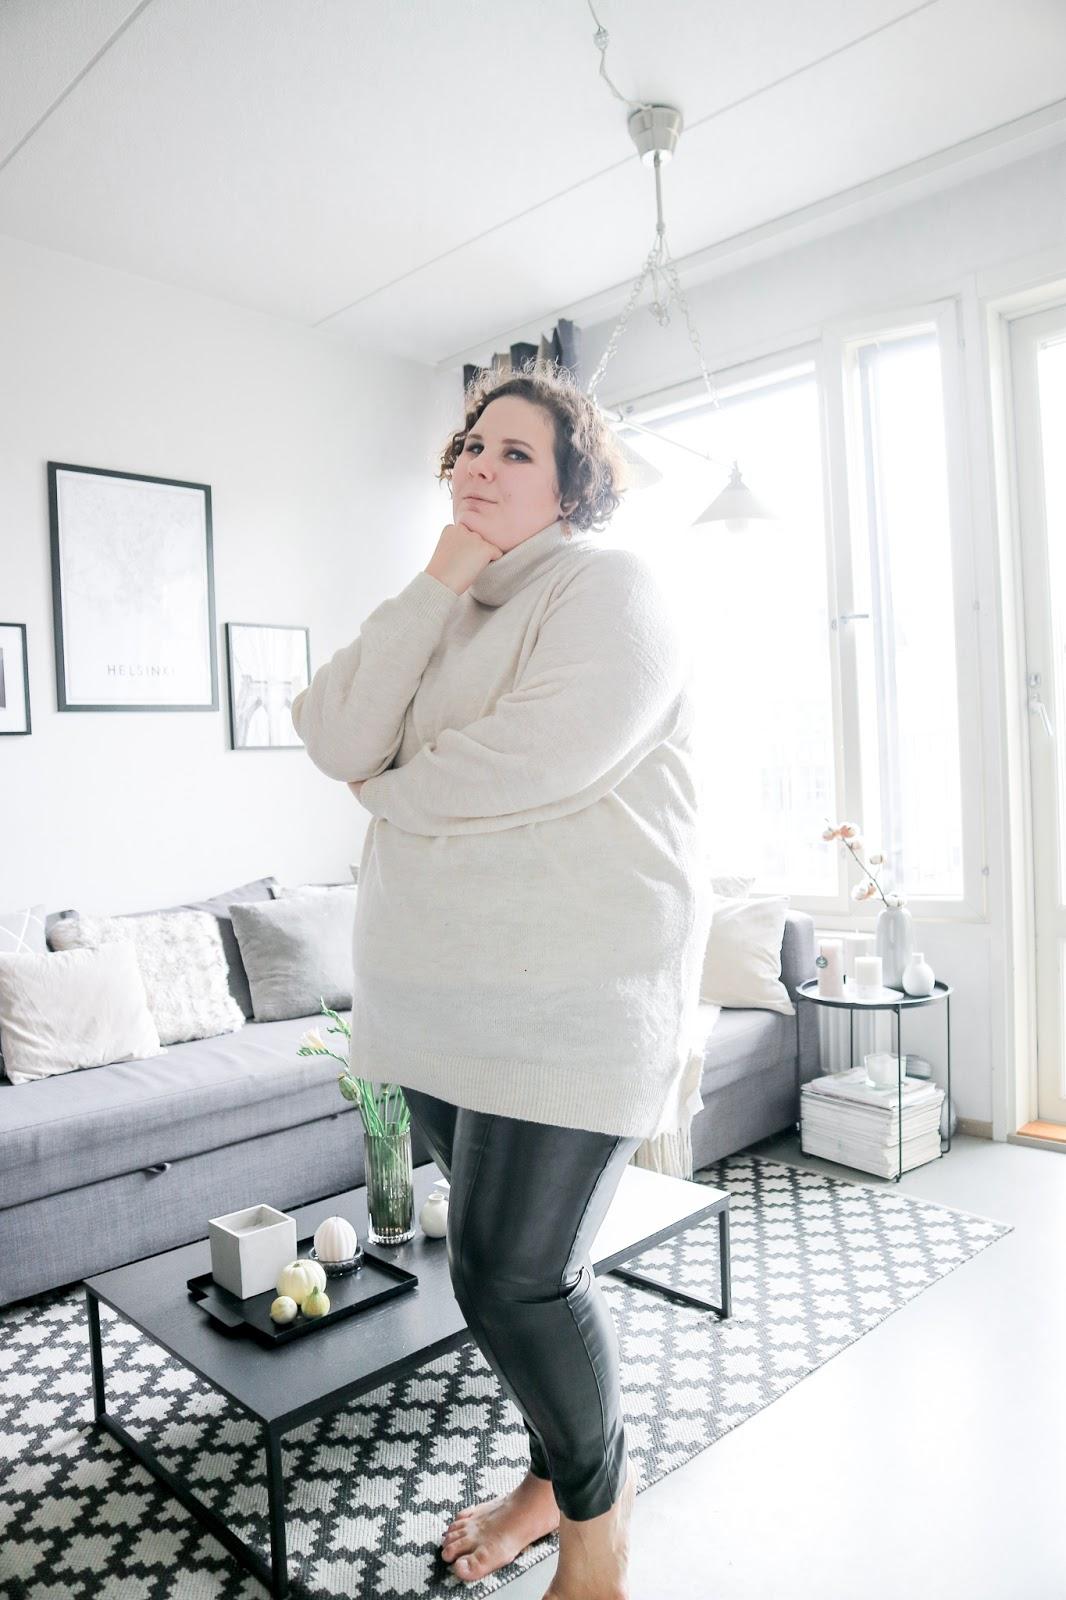 Big mamas home by Jenni S. 20 randomia kysymystä - haaste